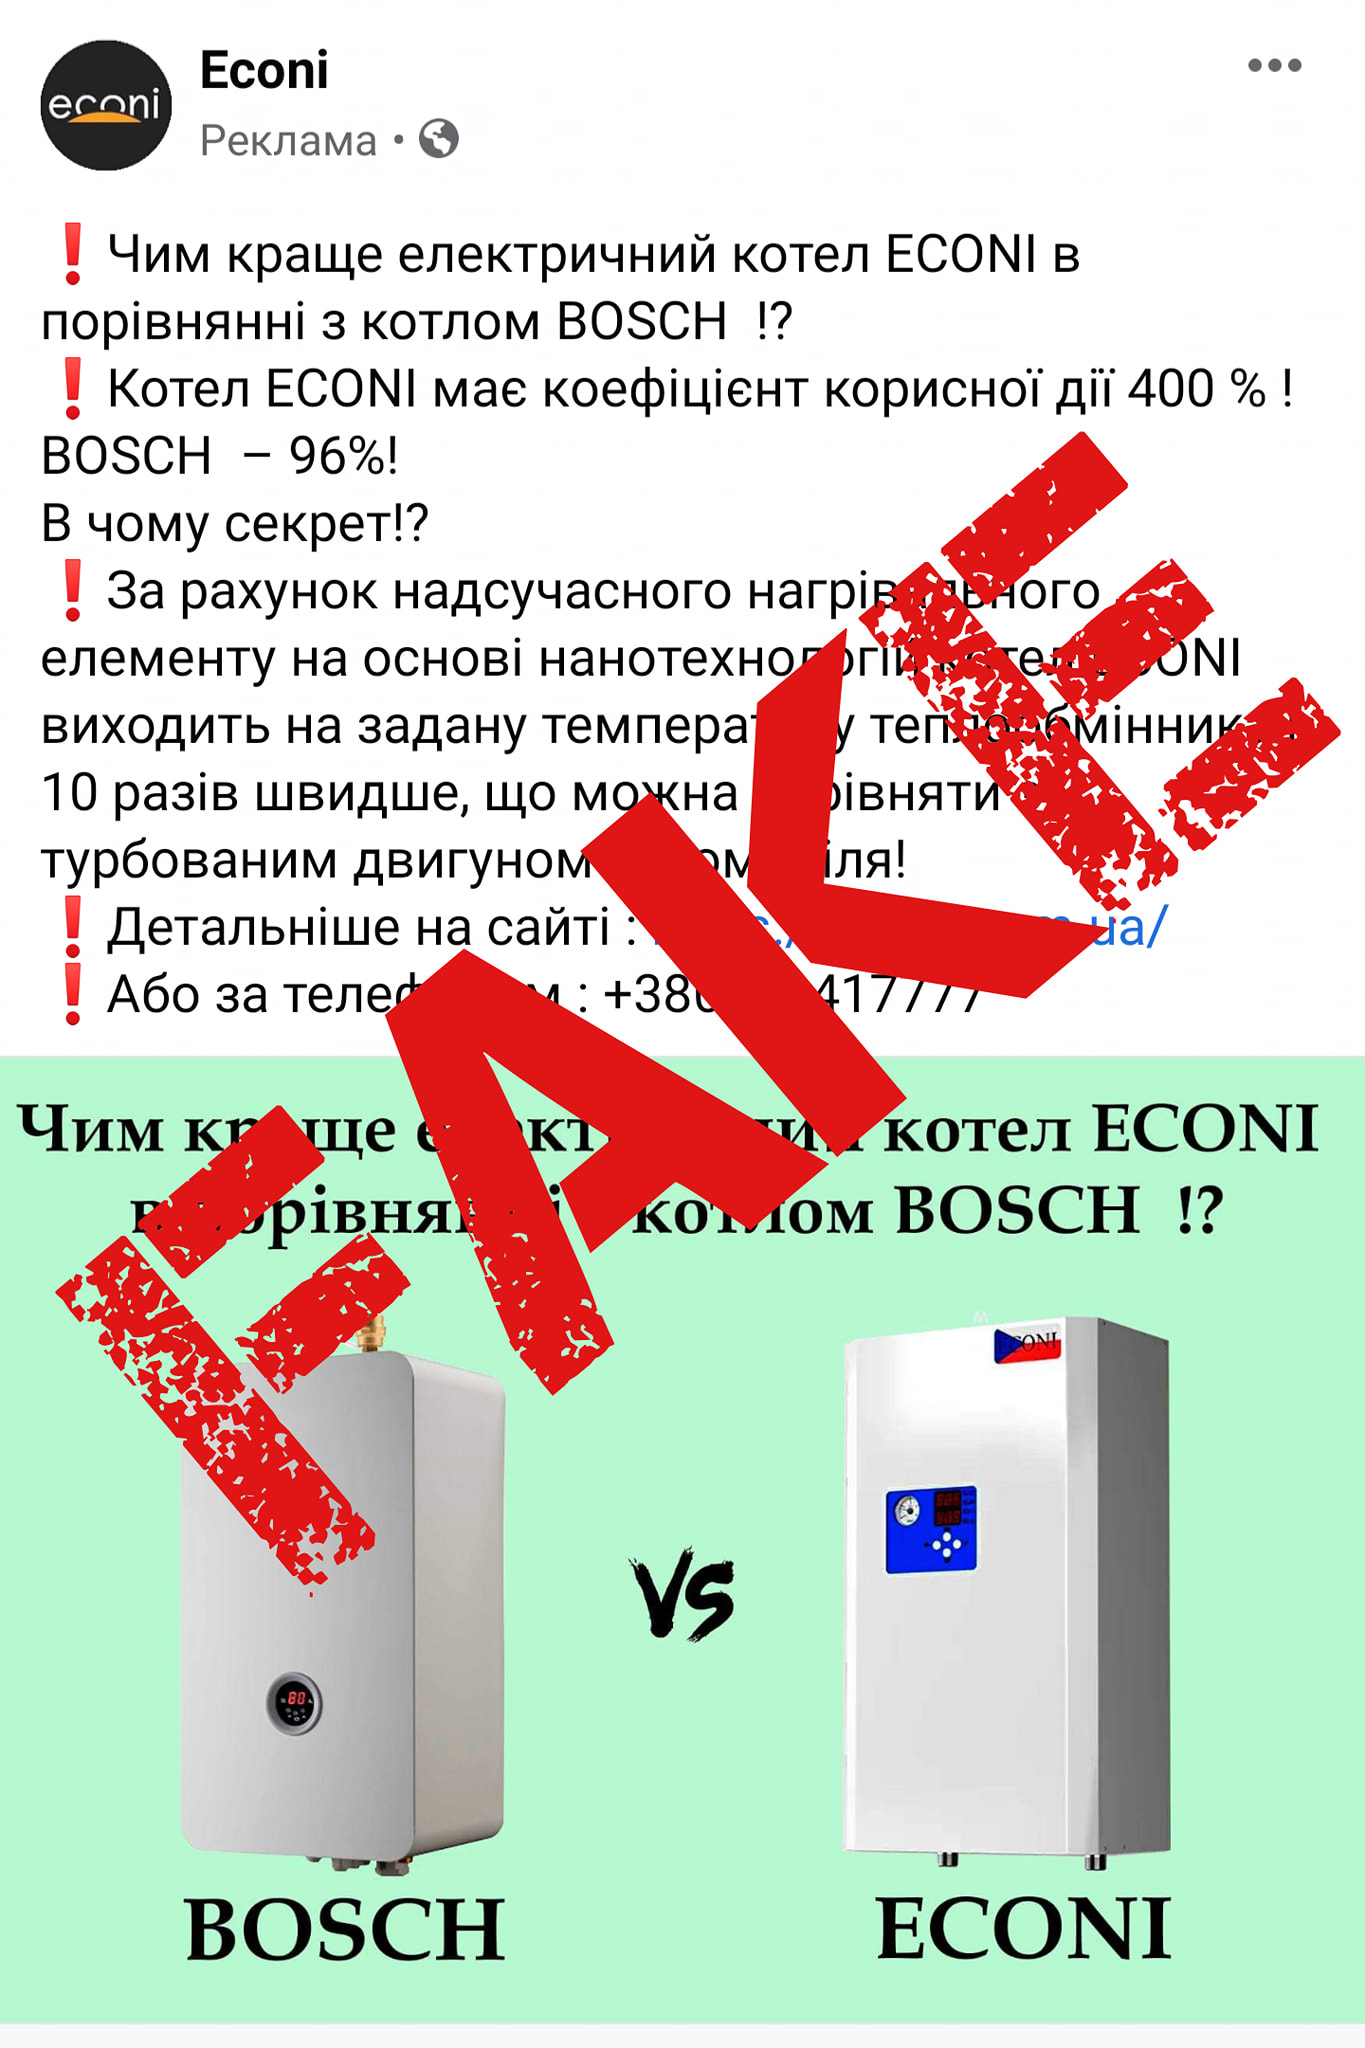 Котлы, которые экономят газ: мошенники придумали новую схему обмана украинцев